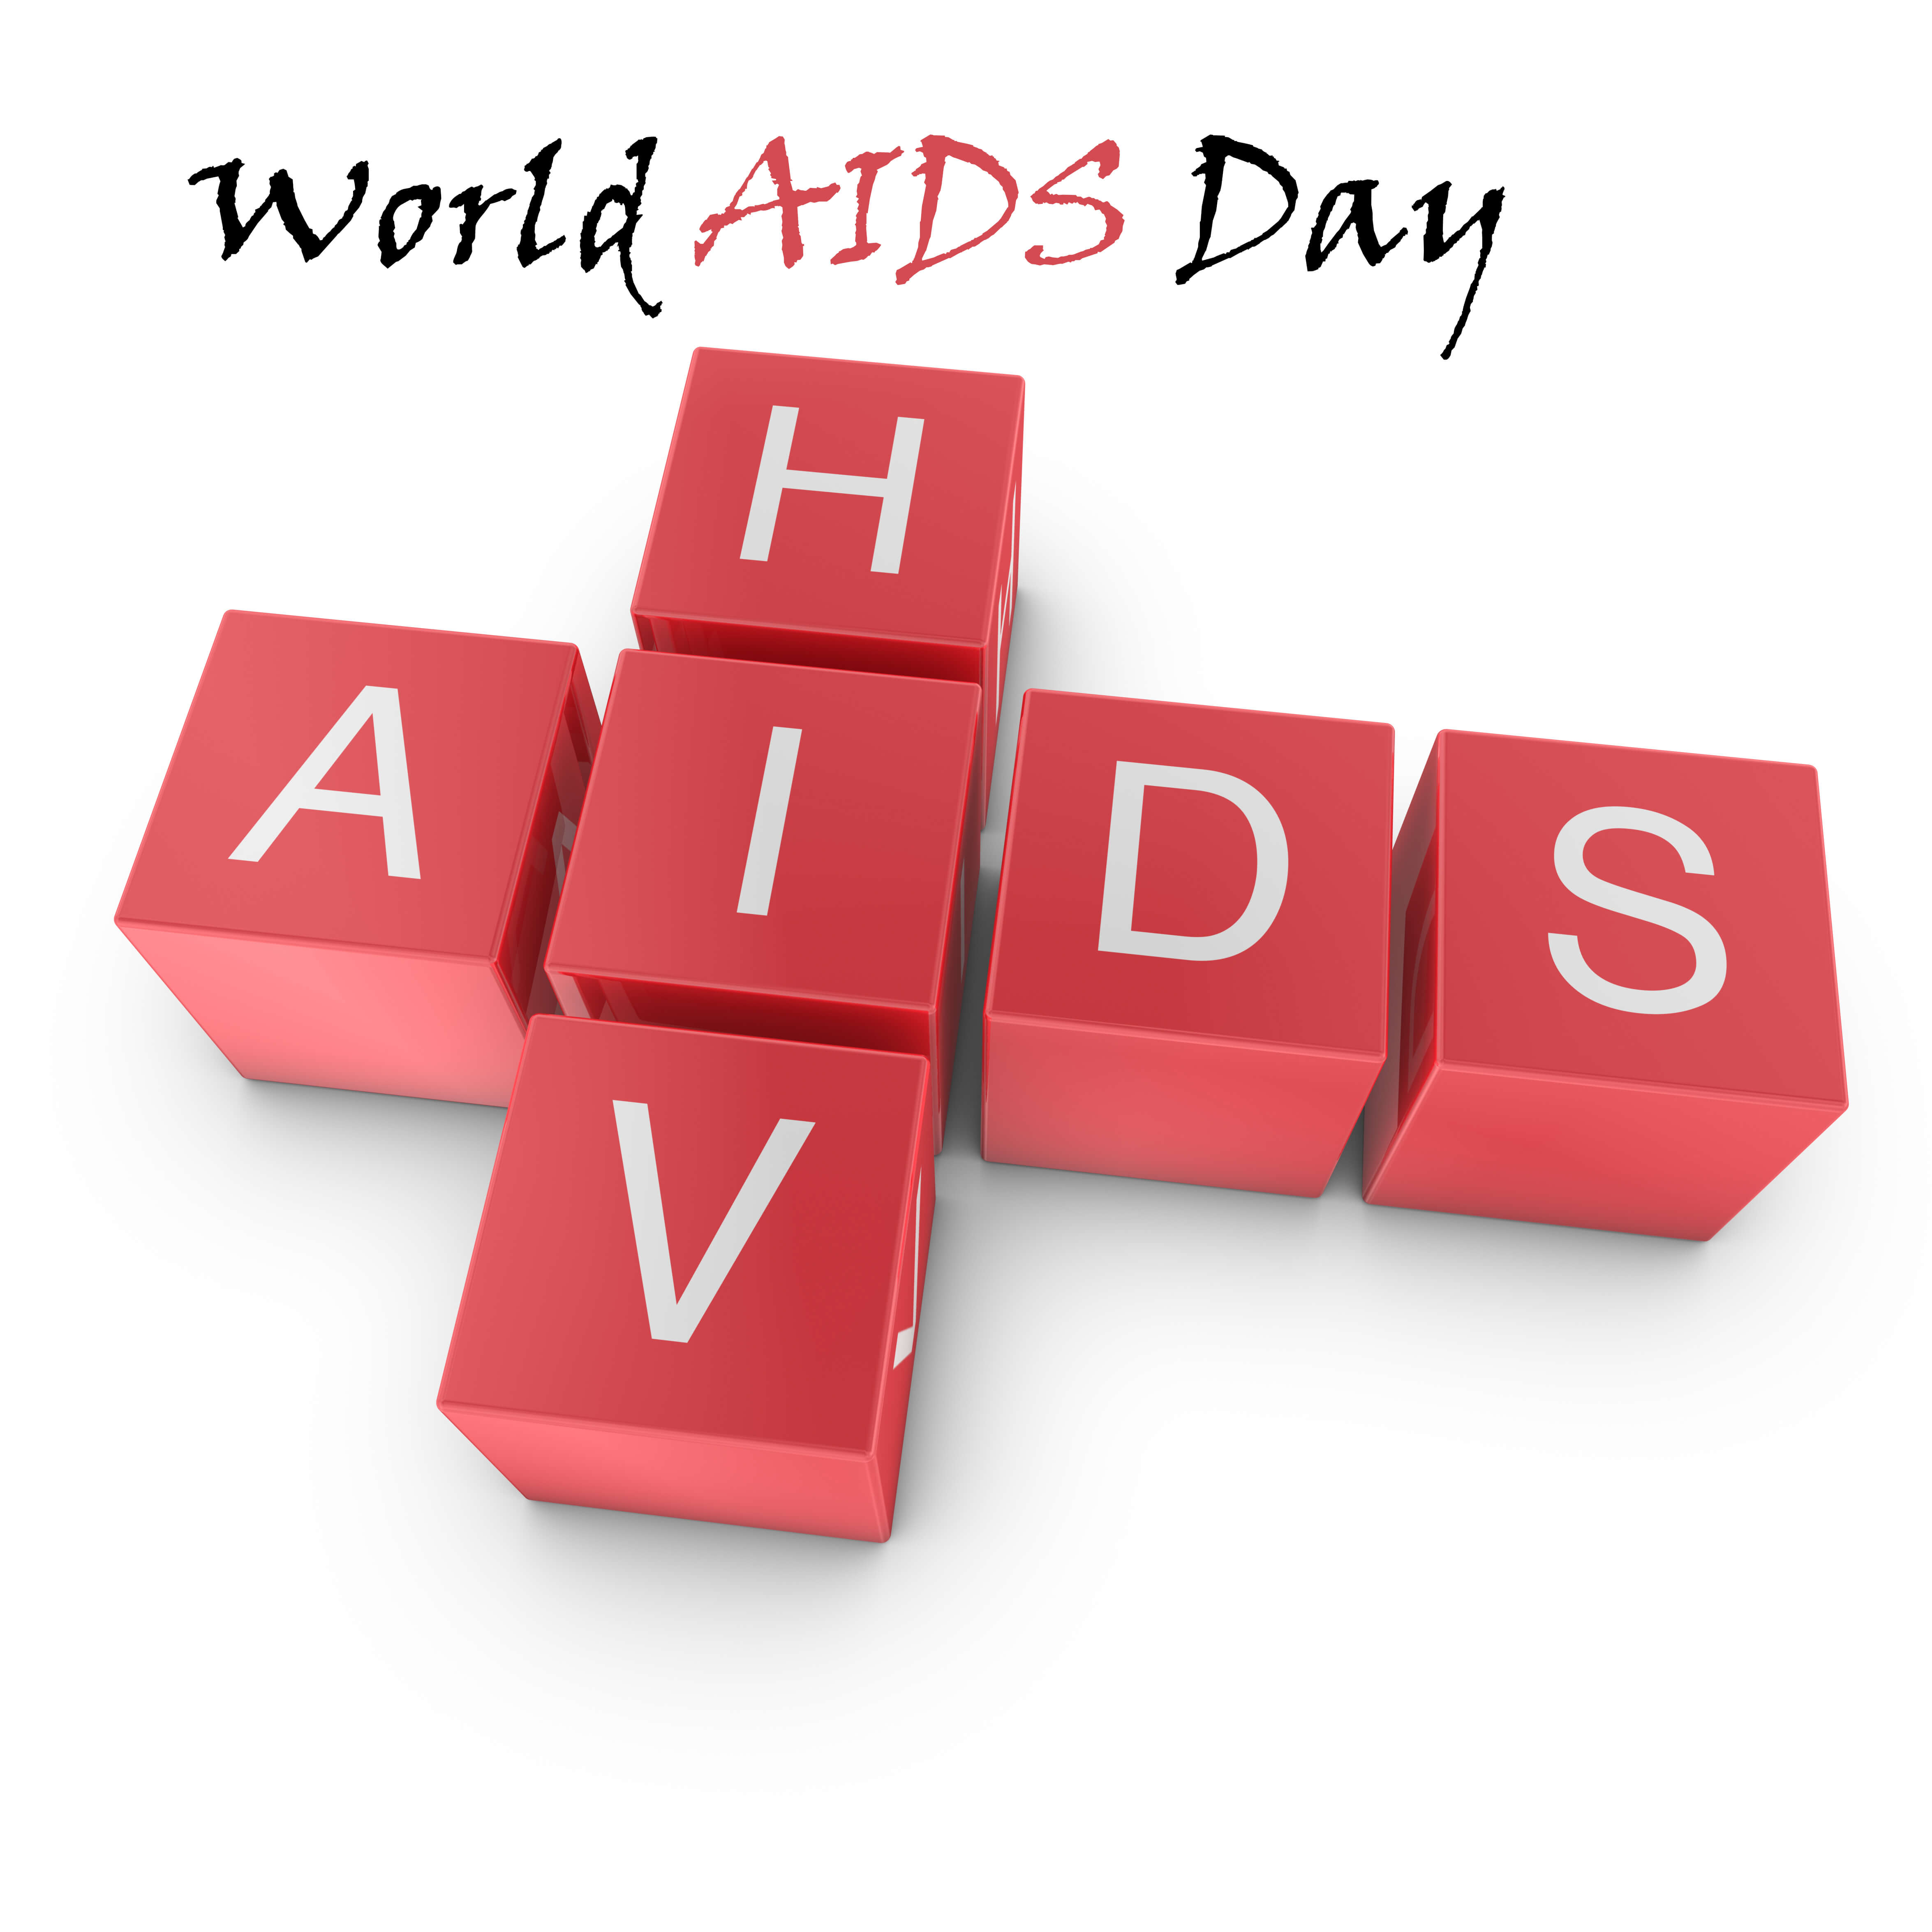 world aids day hiv december 1 awareness hd wallpaper